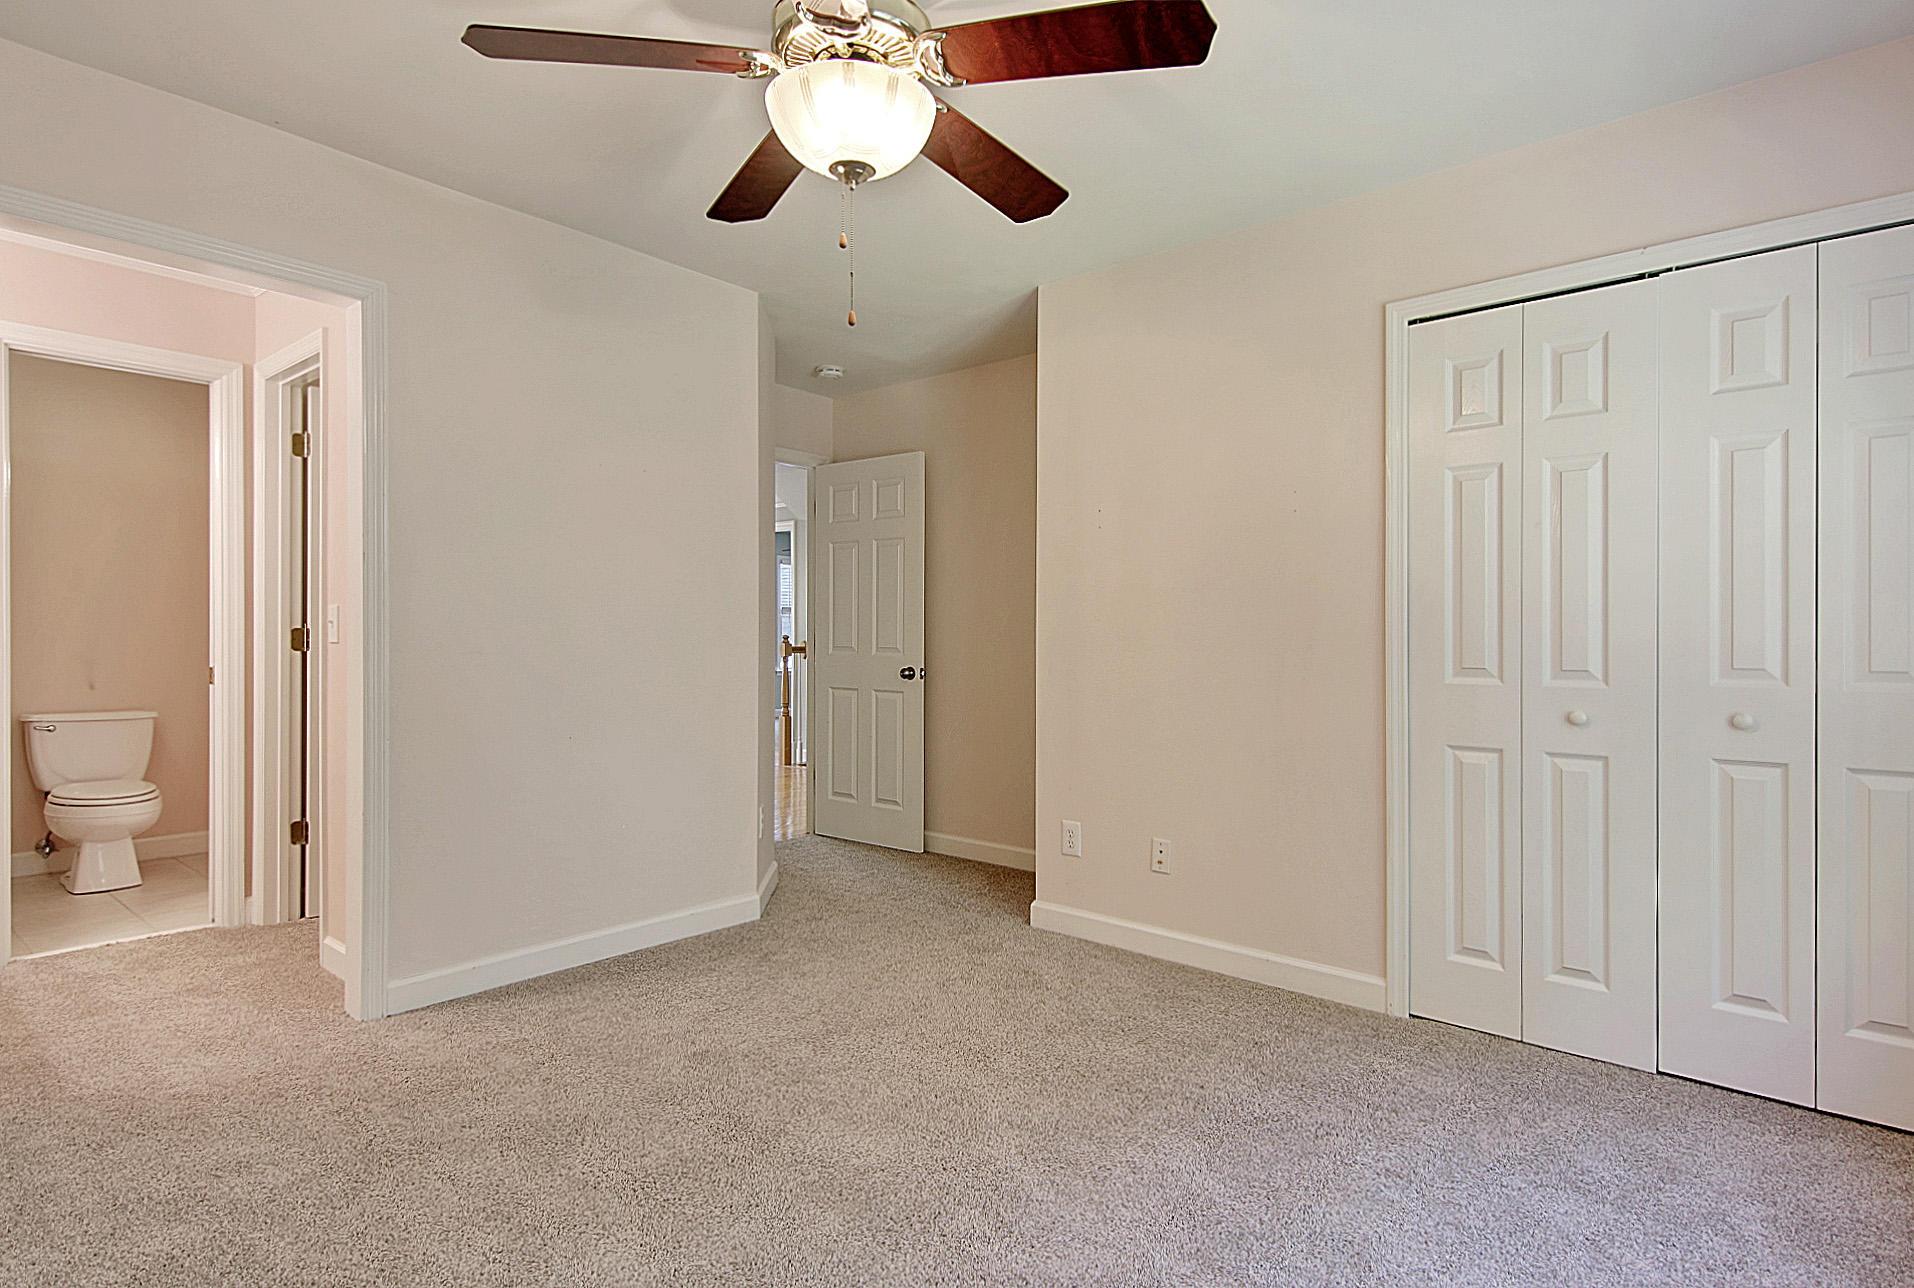 Dunes West Homes For Sale - 2236 Black Oak, Mount Pleasant, SC - 30